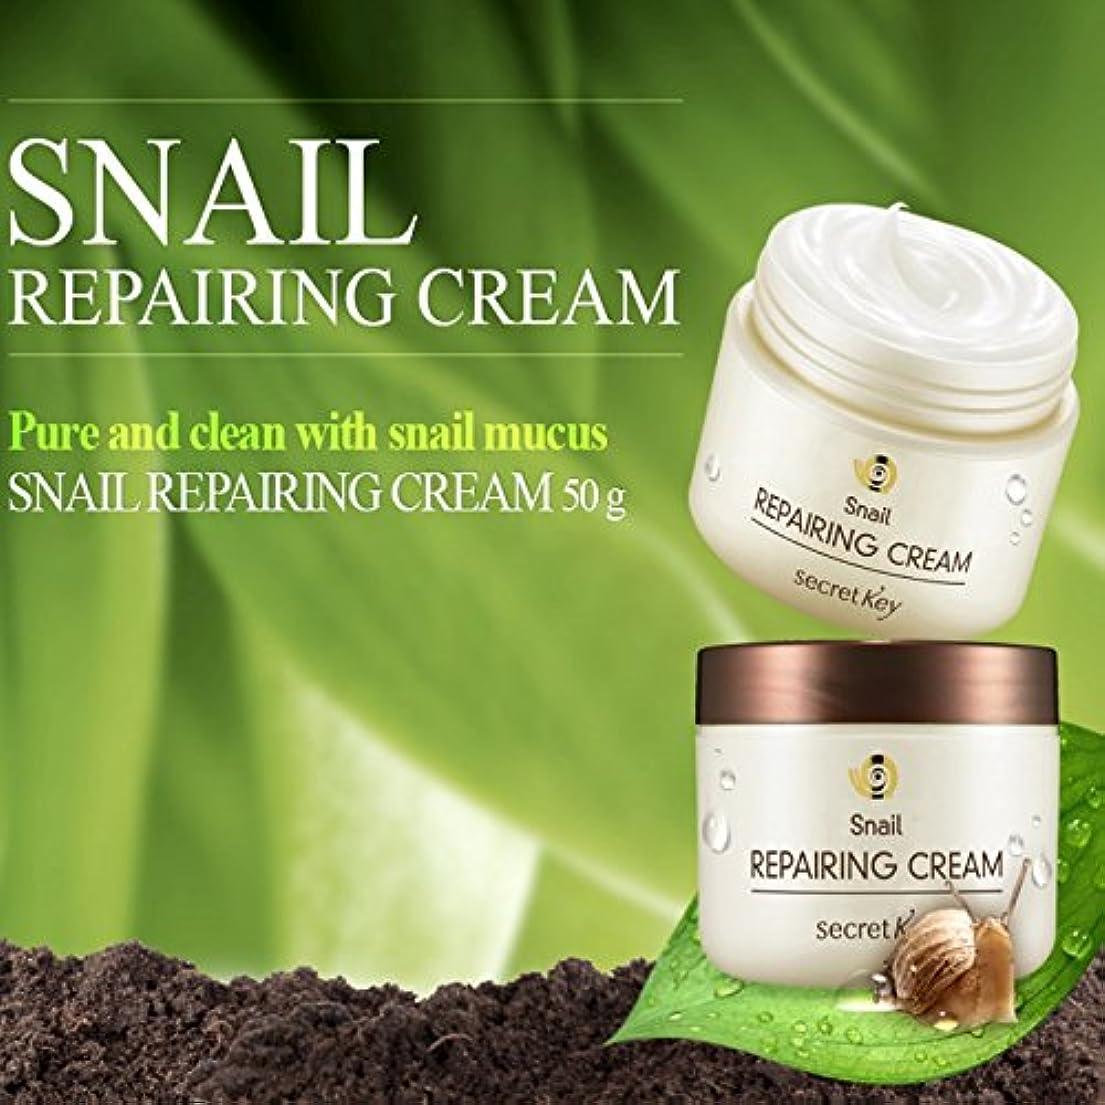 チャンピオン不機嫌そうな広がりSecret Key Snail Repairing Cream Renewal 50g /シークレットキー スネイル リペアリング /100% Authentic direct from Korea/w 2 Gift...